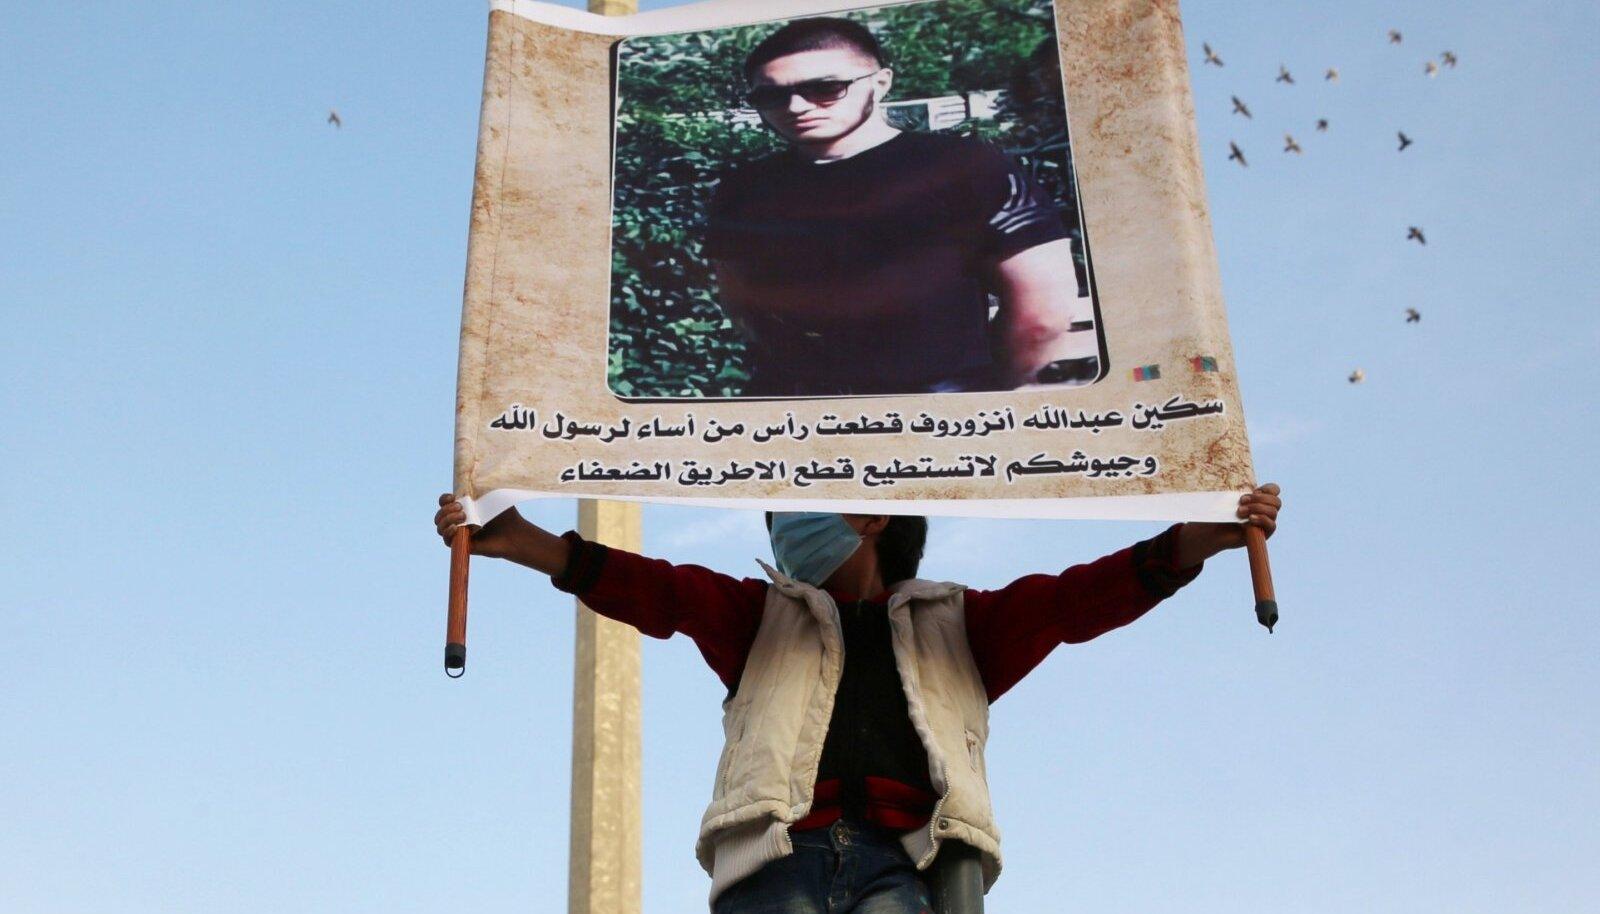 Mullu oktoobris avaldati Süürias mõrtsukale toetust. Plakatil on õpetaja tapja foto allkirjaga, mis kiidab teda prohvet Muhamedi hea nime kaitsmise eest.